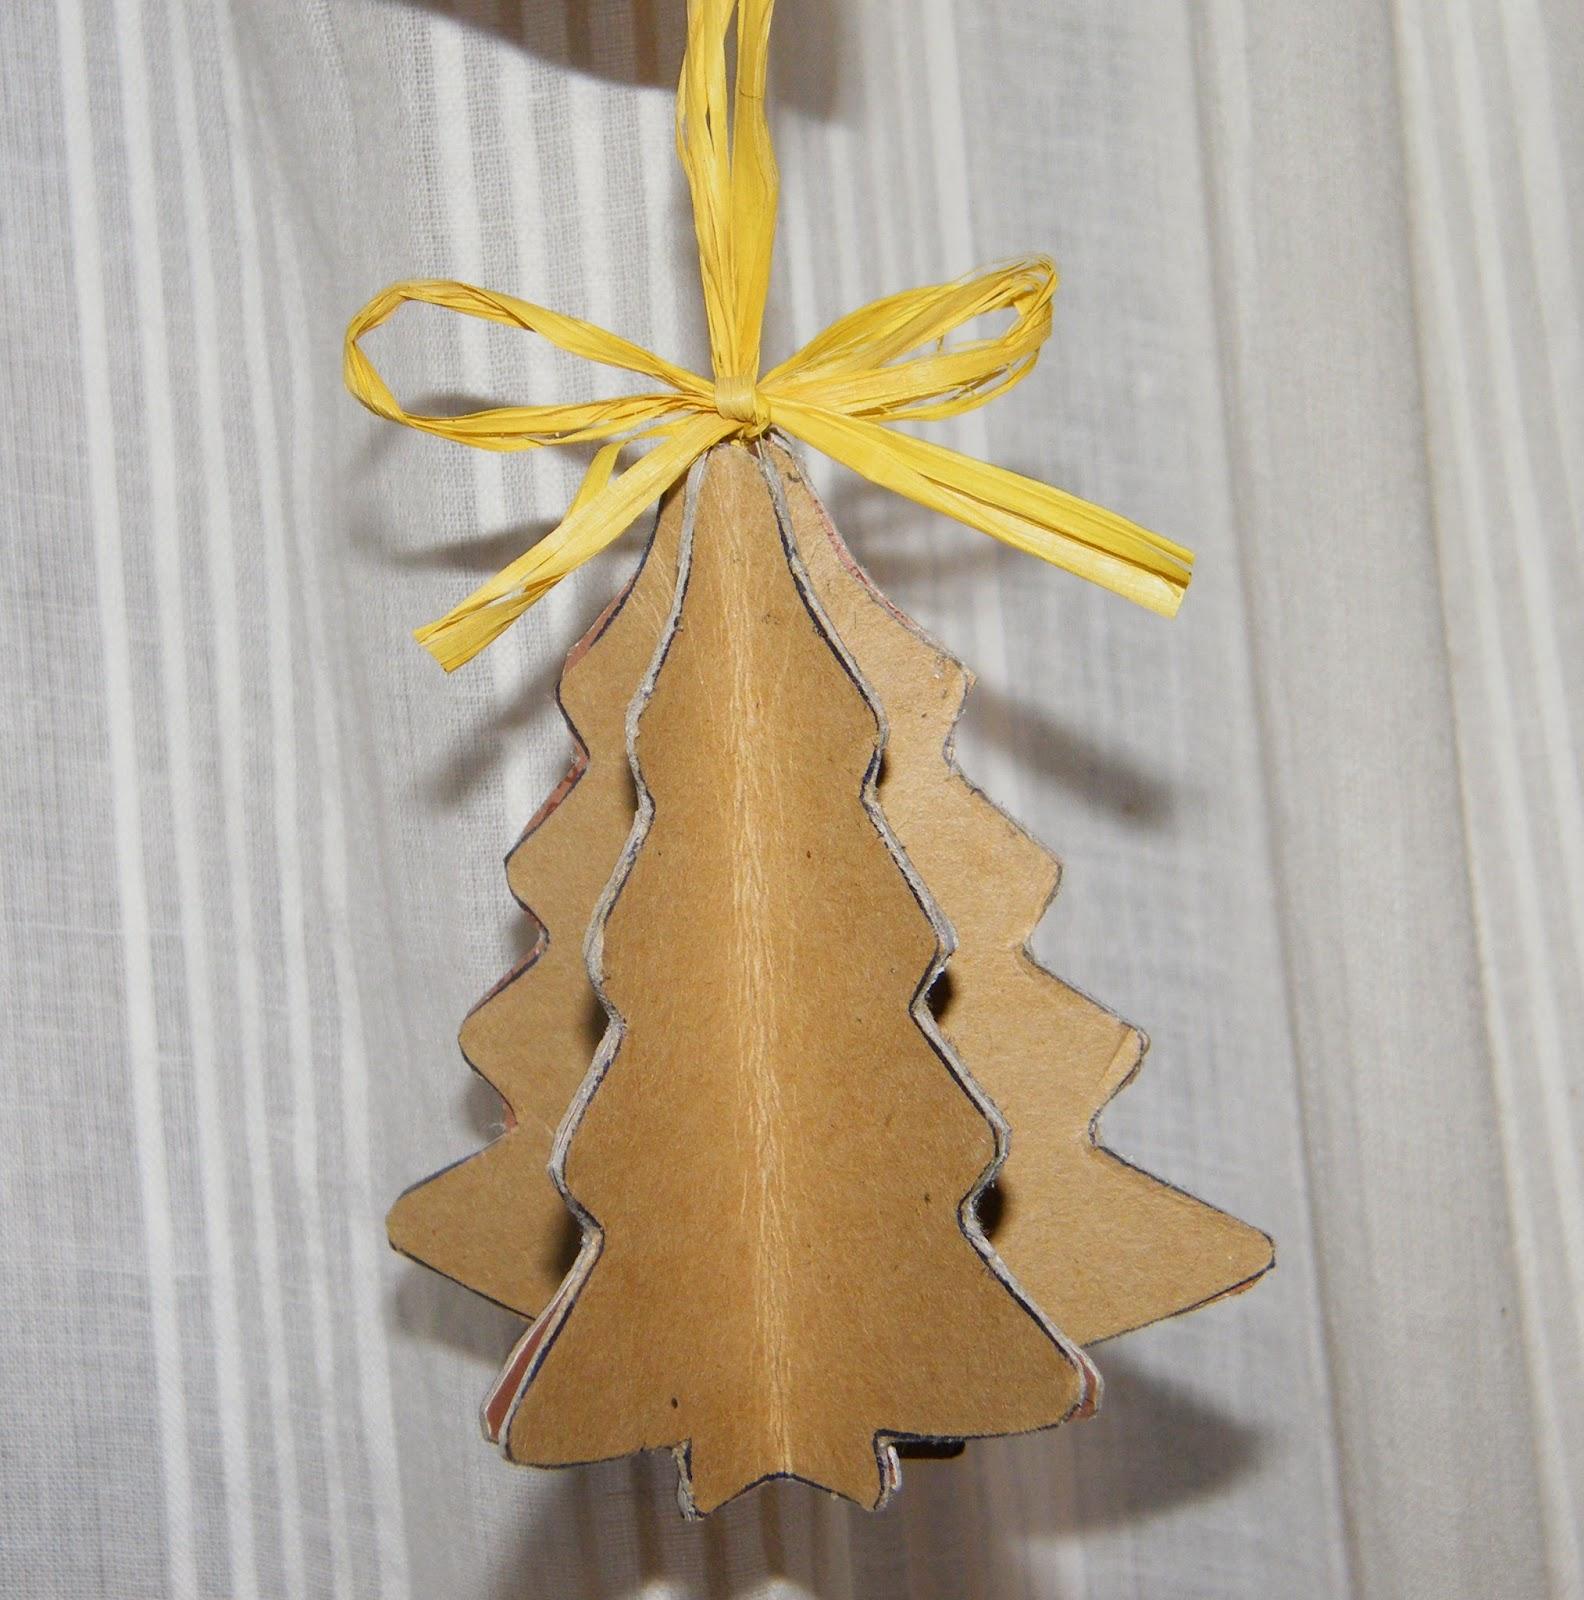 http://pensierieprofumi.blogspot.it/2012/11/decorazioni-di-natale-fai-da-te-tutto_30.html